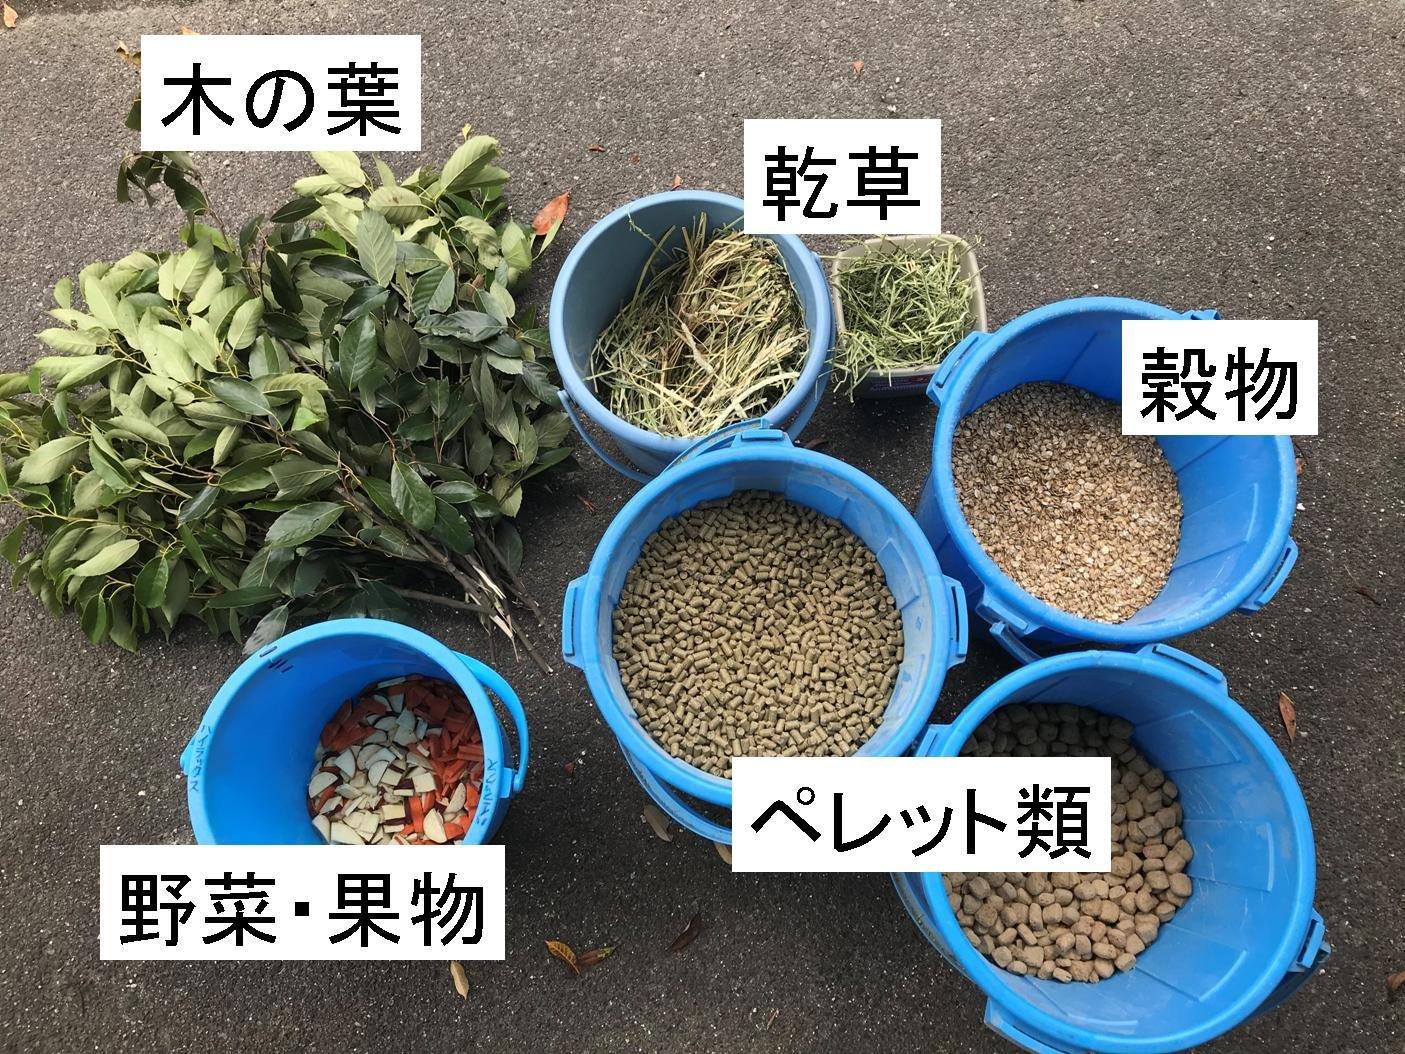 http://www.asazoo.jp/animal/blog/4_9.jpg